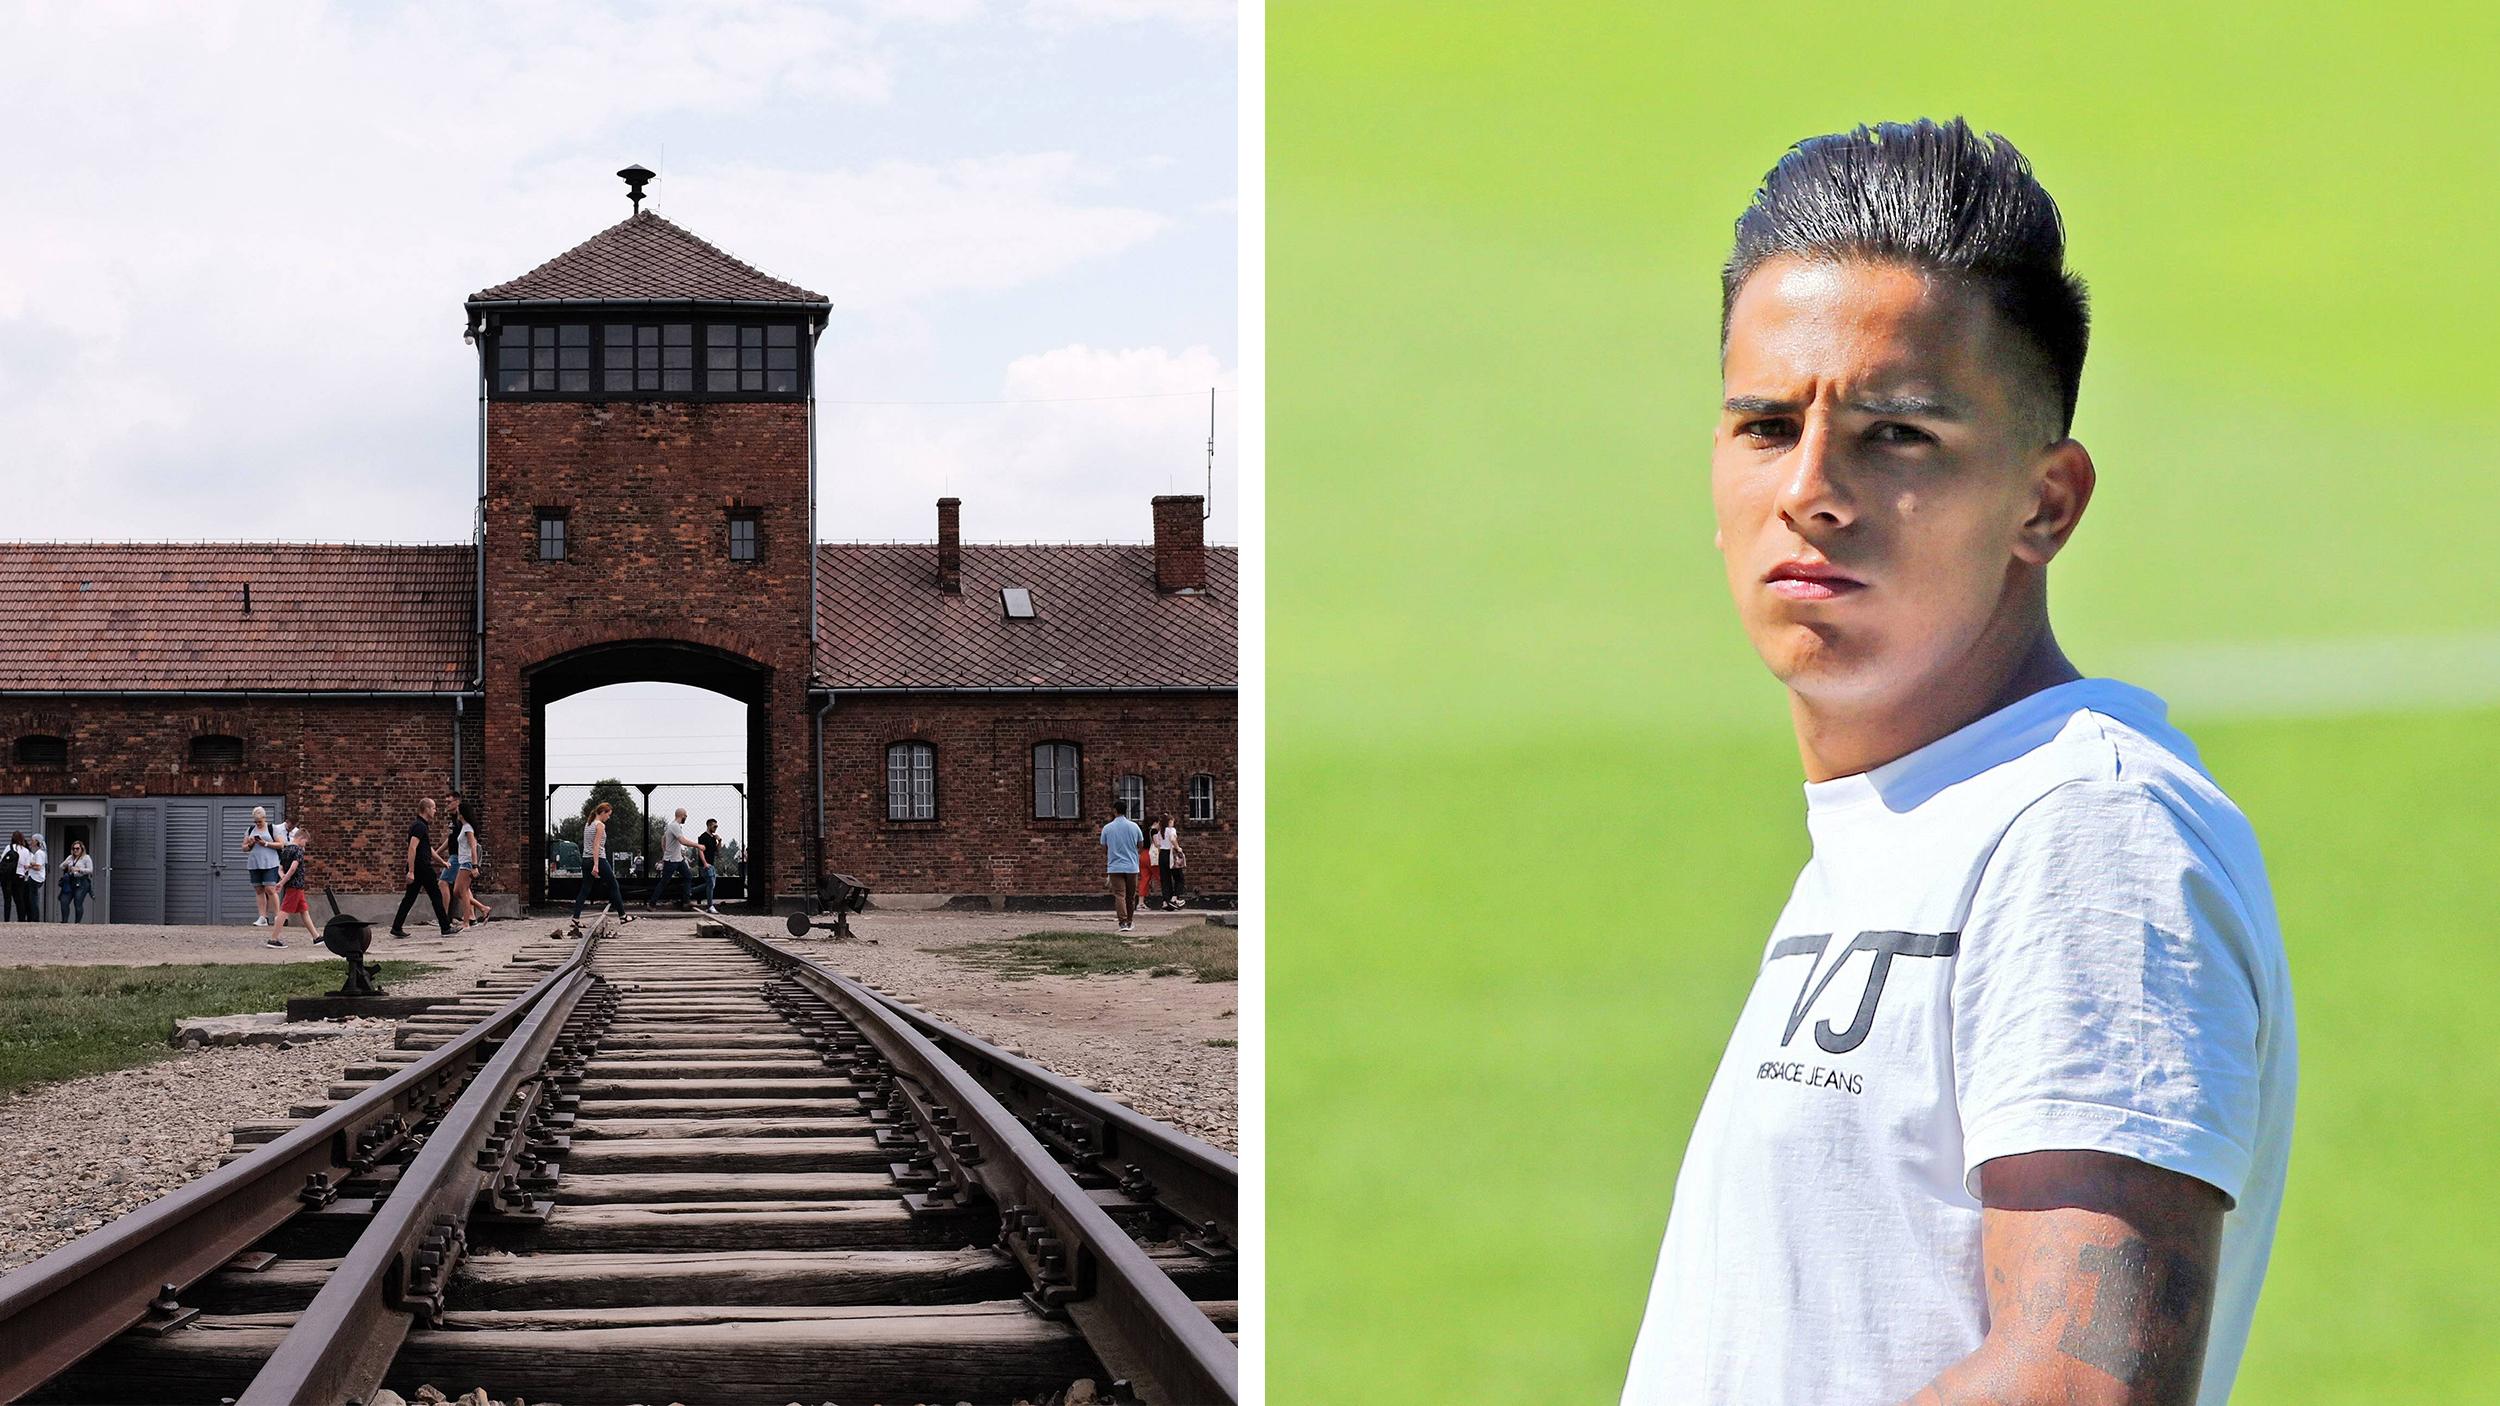 Frankfurt-Spieler knipst Partyfoto vor den Toren von Auschwitz - VICE